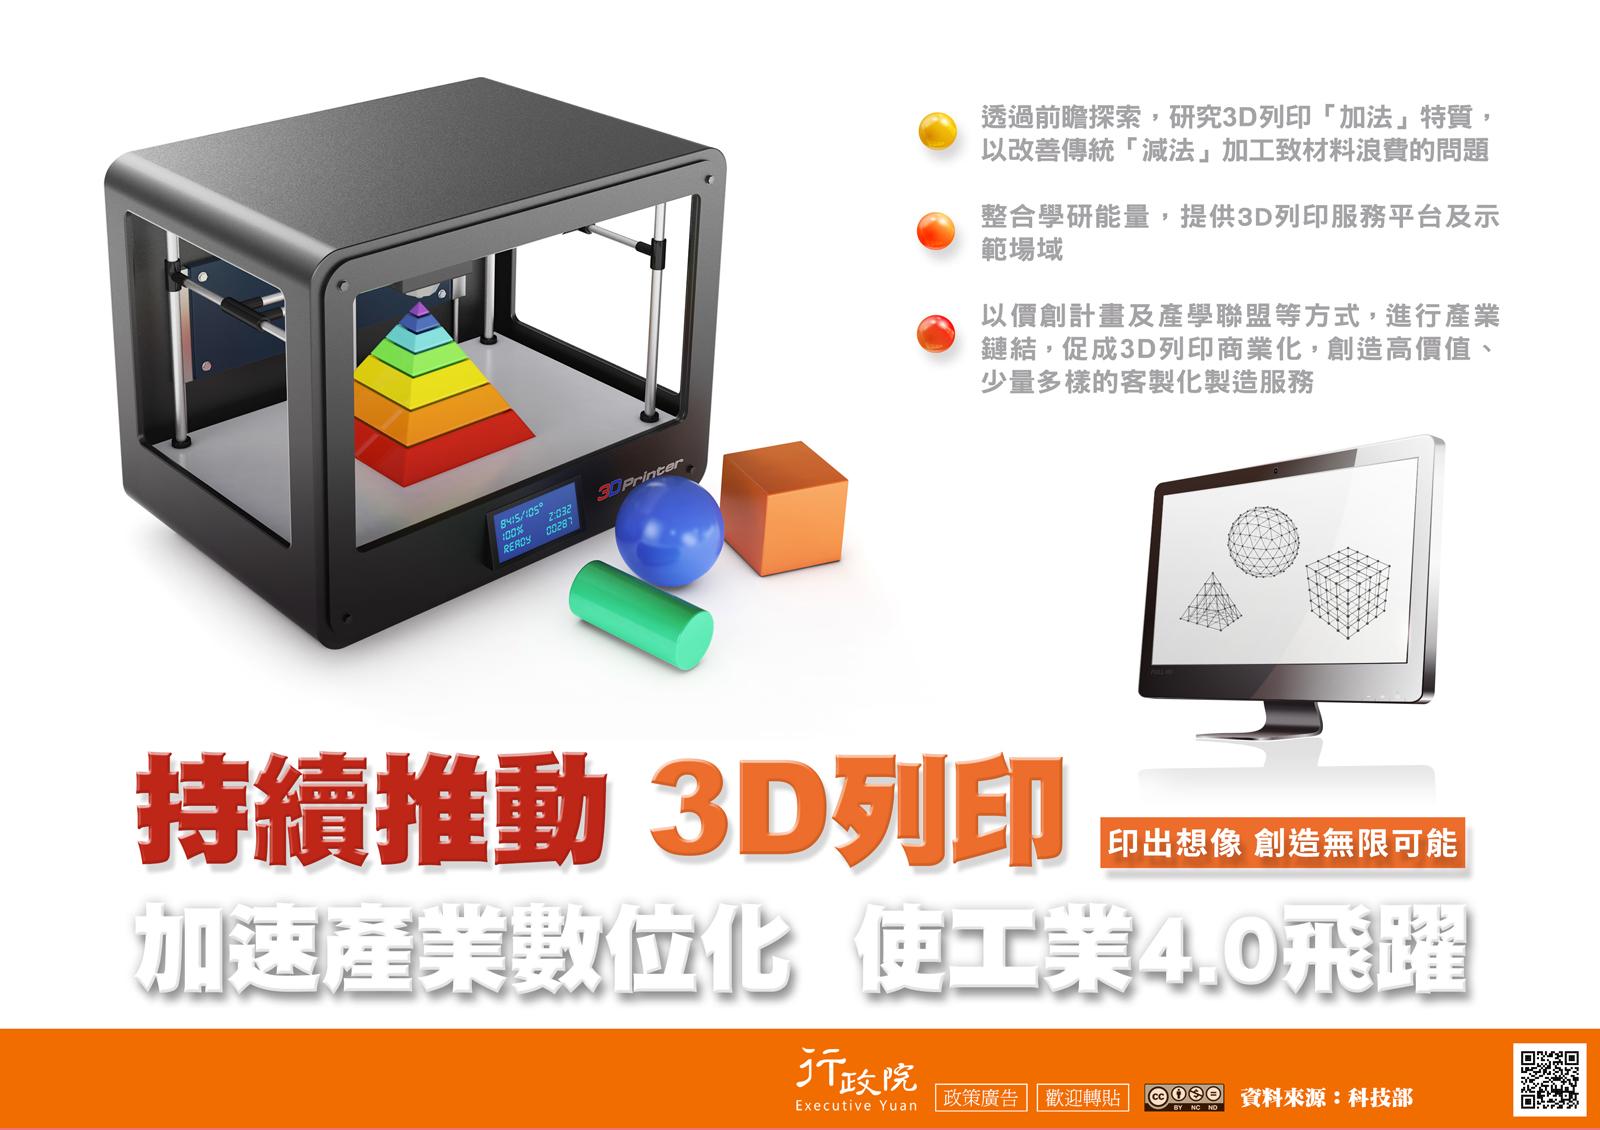 持續推動 3D 列印